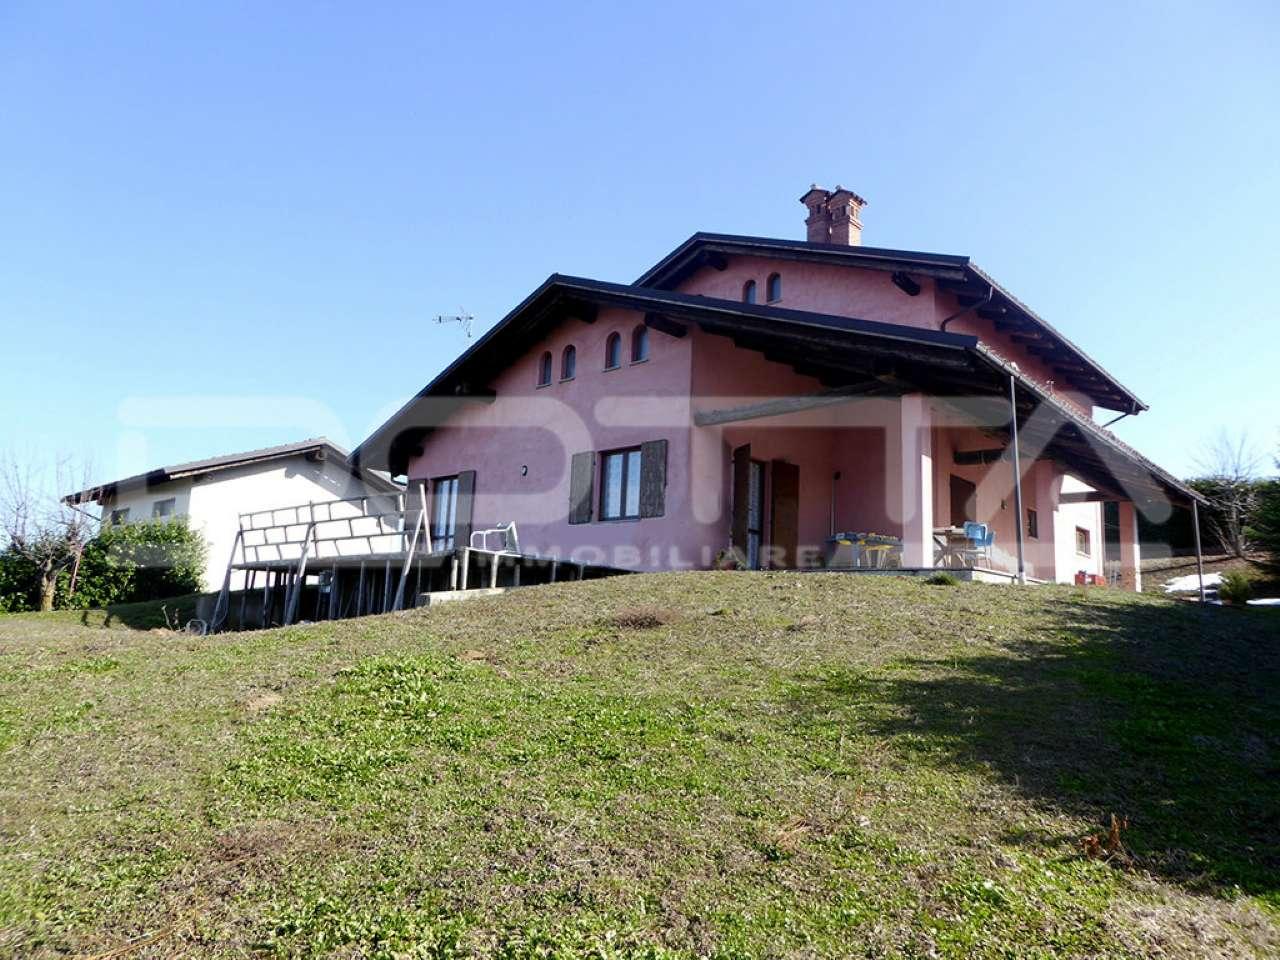 Rustico / Casale in vendita a Dogliani, 4 locali, prezzo € 199.000   CambioCasa.it